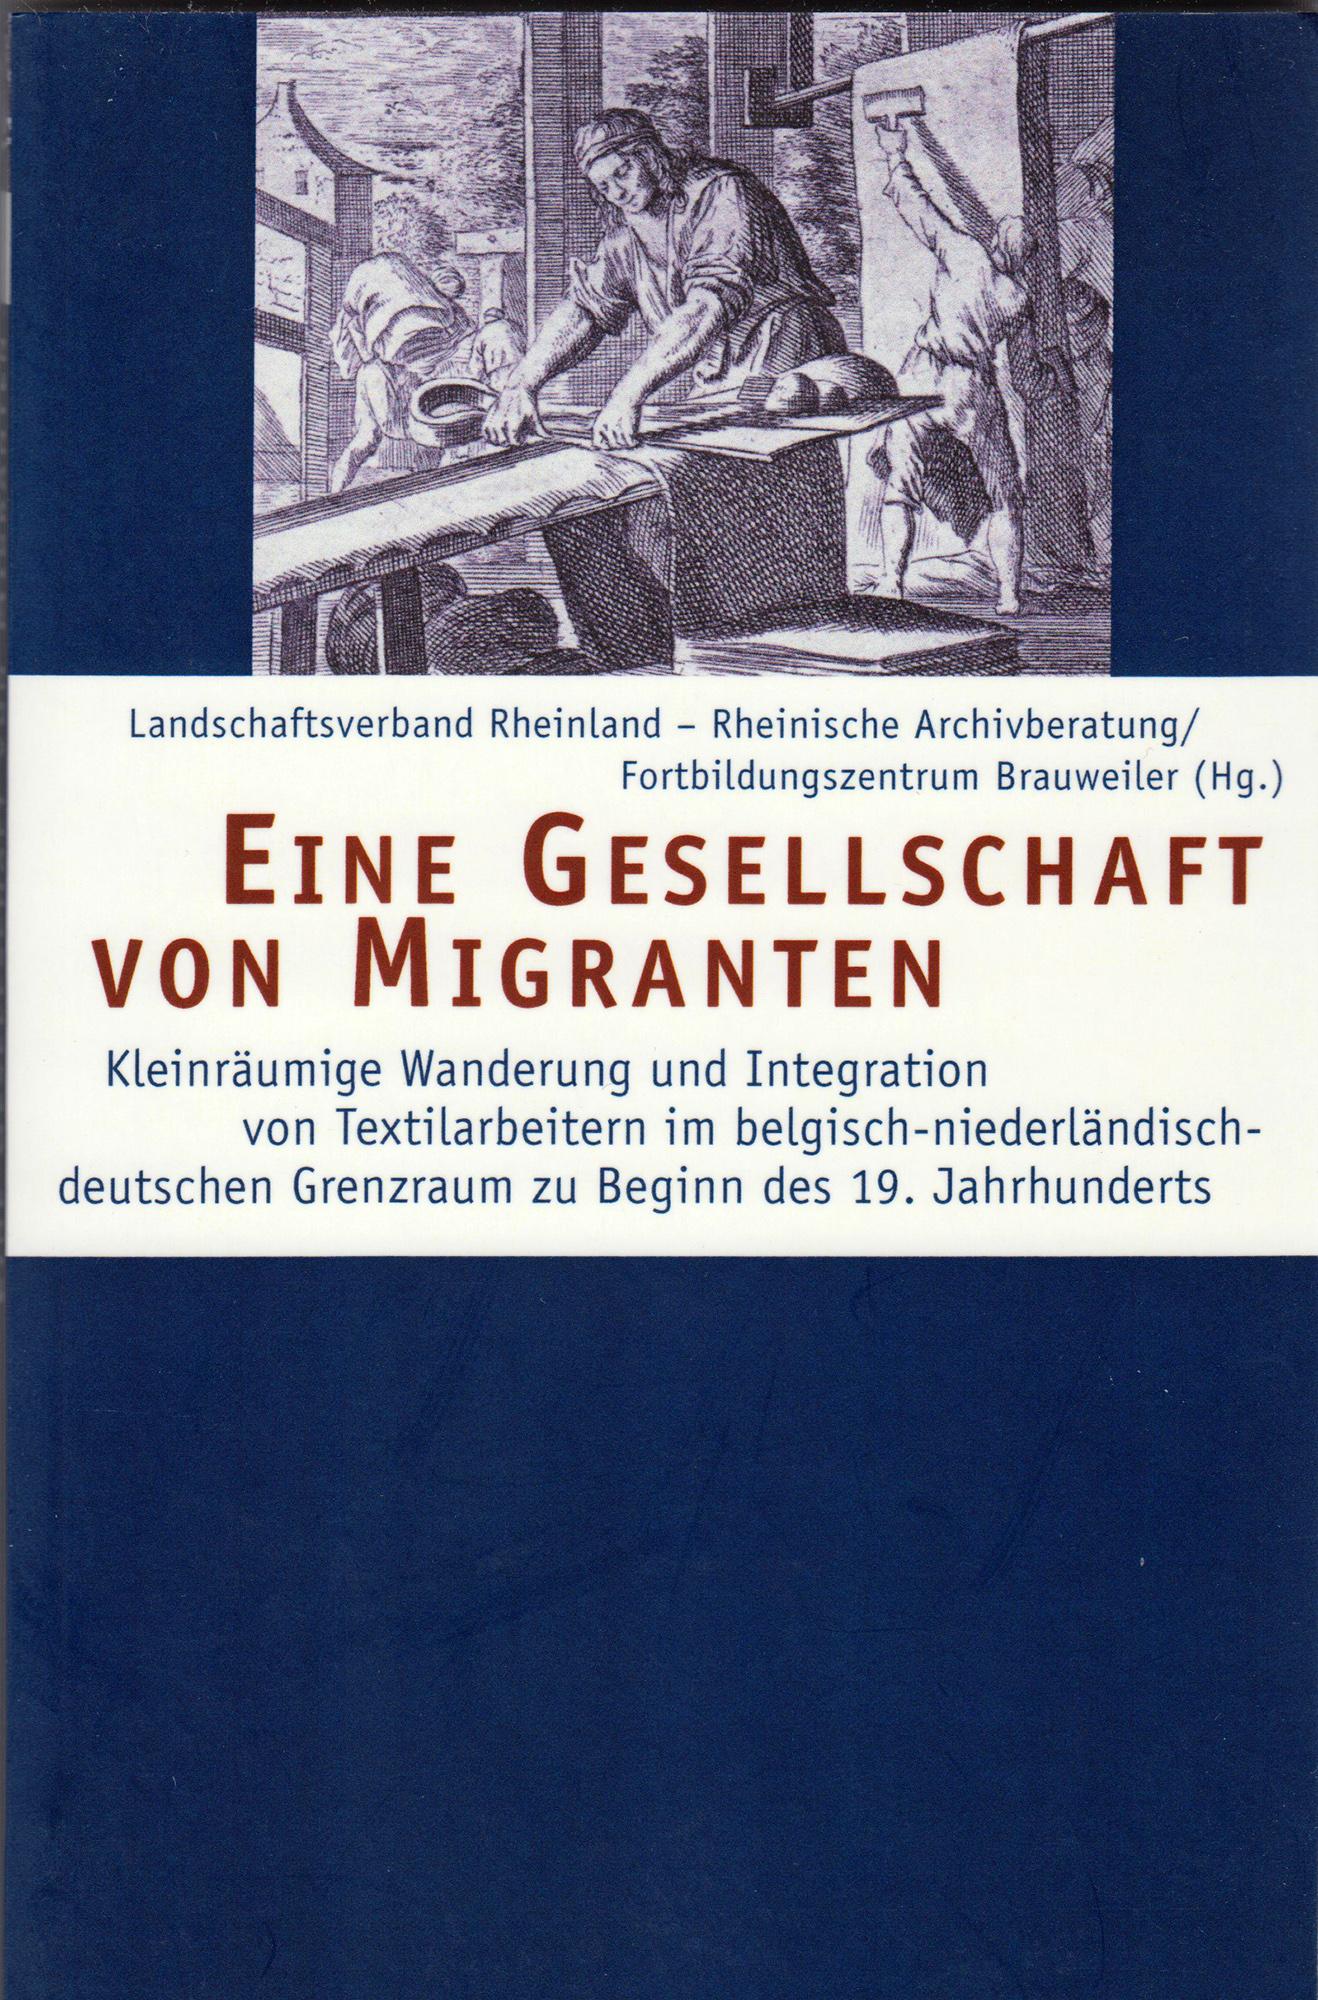 Migration und Integration von Textilarbeitern im belgisch-niederländisch-deutschen Grenzraum 1780-1830 Forschungsprojekt und Publikation